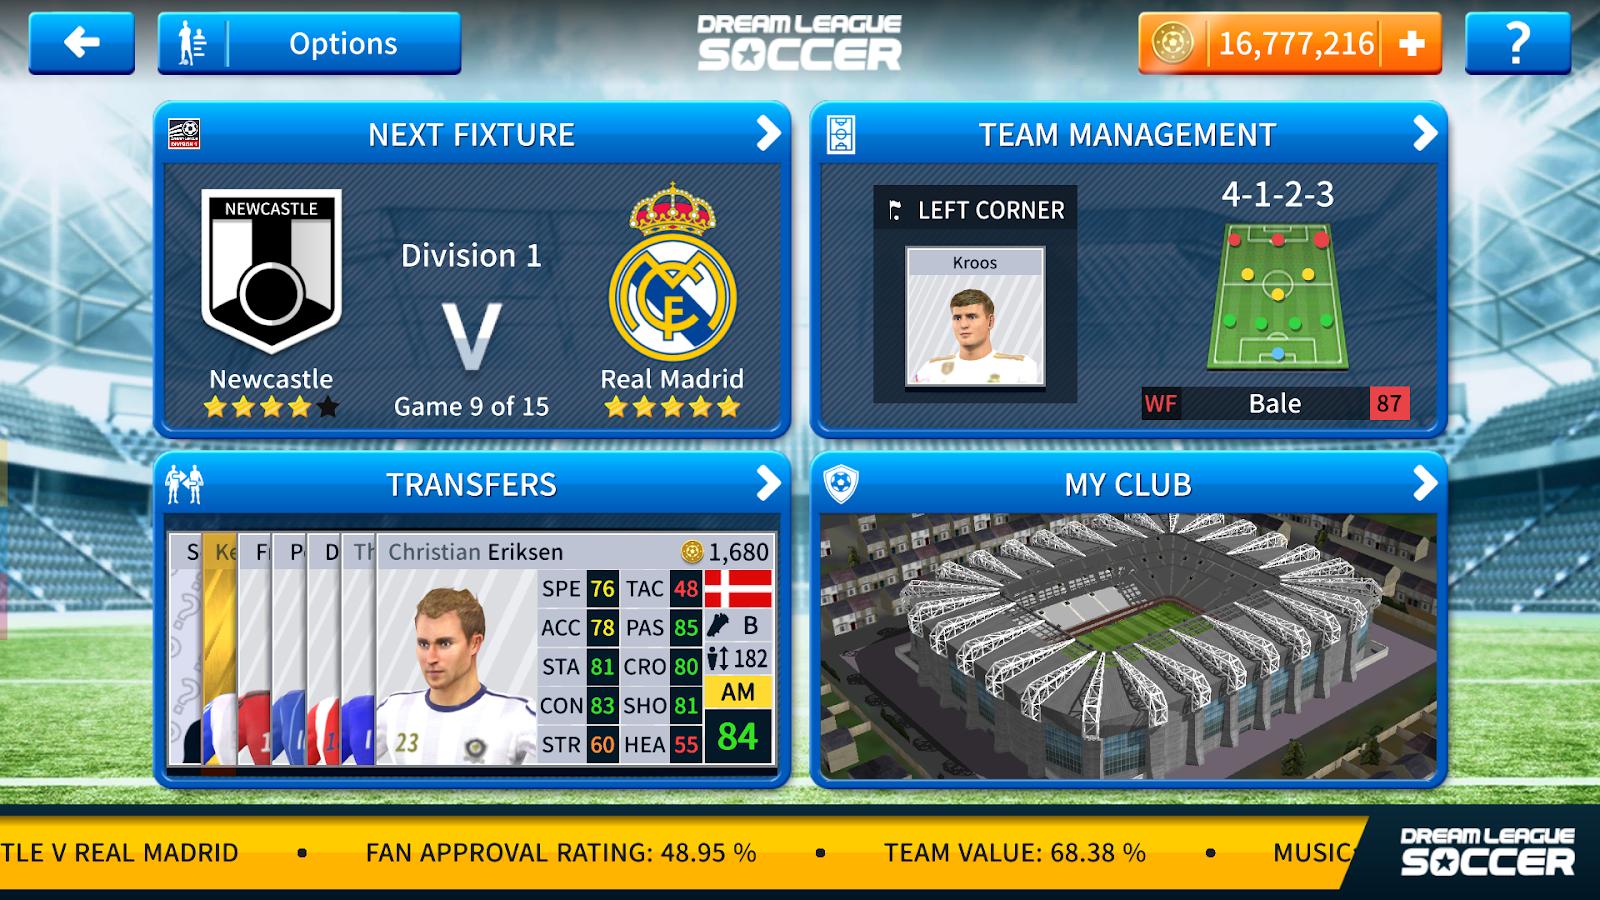 طريقة اضافة فرق كاملة بجميع الانتقالات الجديدة و اقمصة و شعار صحيح للعبة دريم ليج سوكر Dream League Soccer 2020